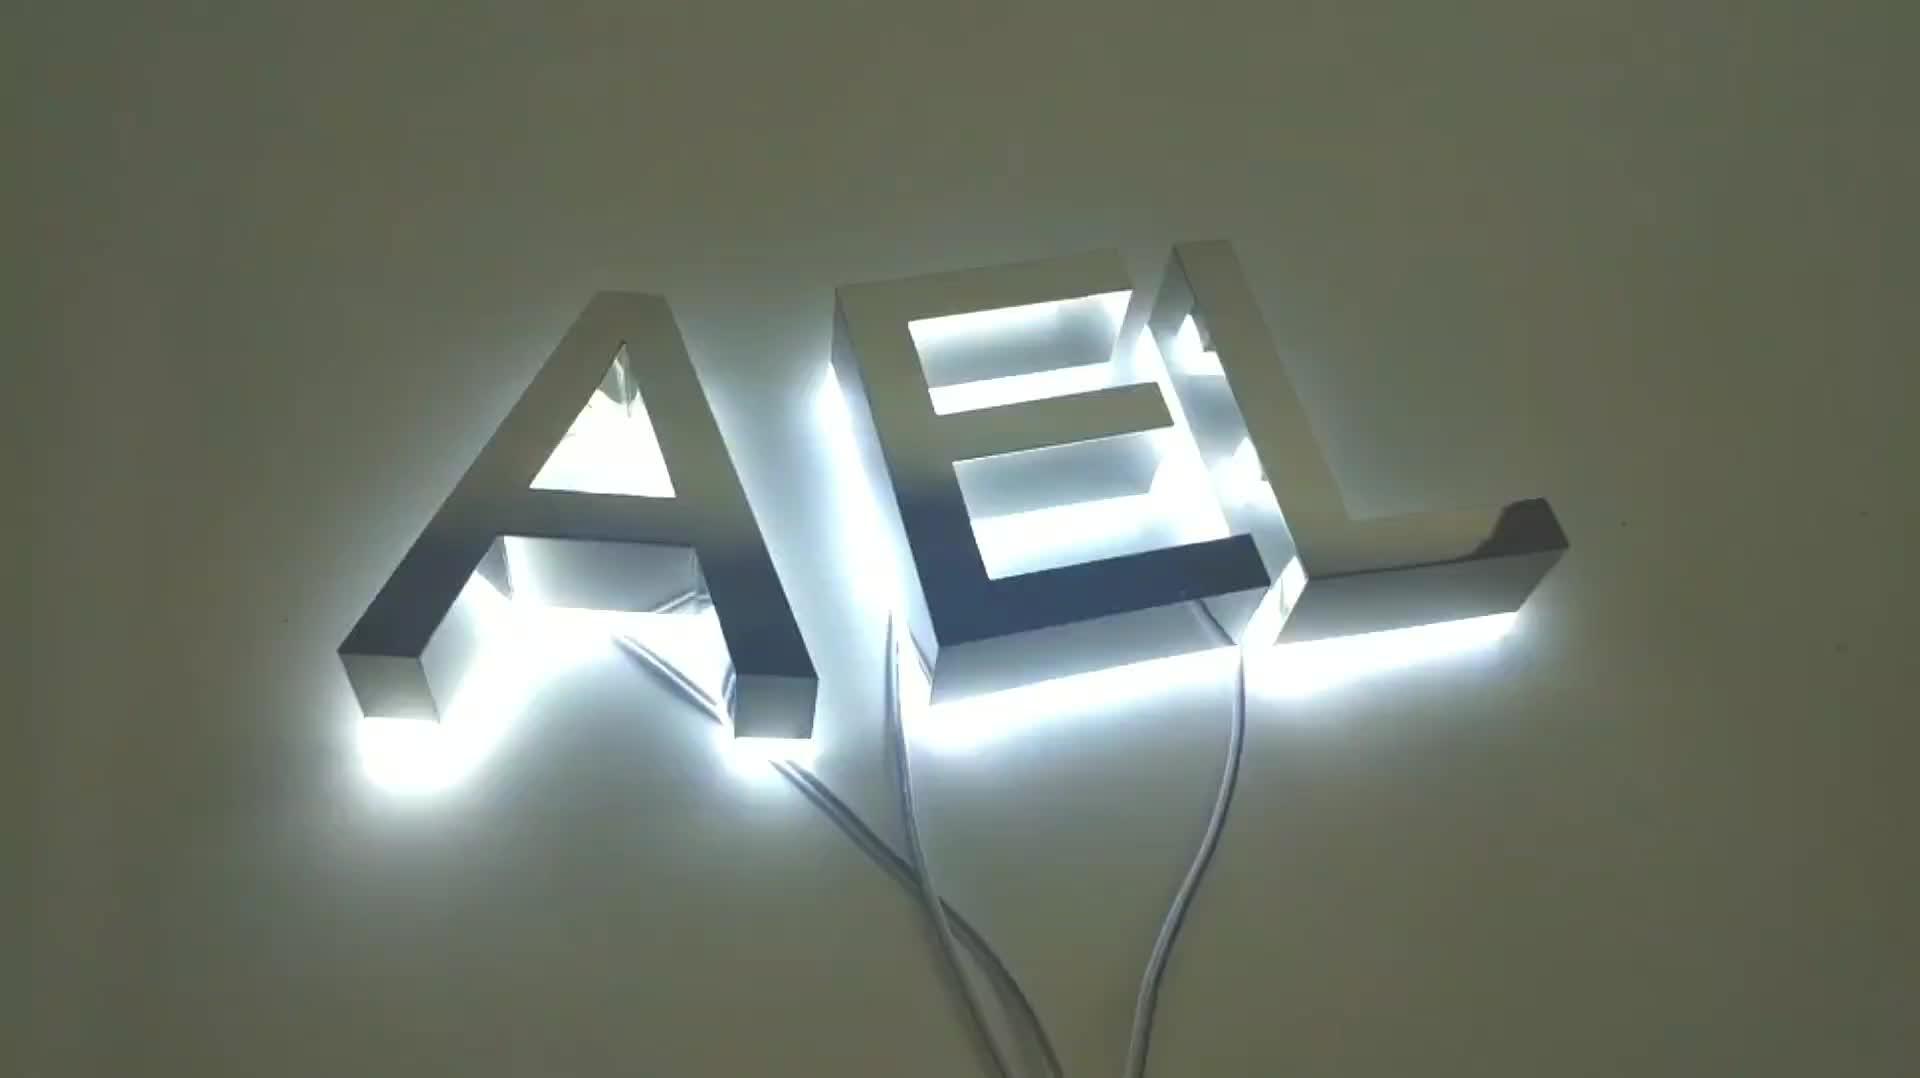 في الهواء الطلق الذهب الفولاذ المقاوم للصدأ الخلفية ثلاثية الأبعاد أحرف لافتة led